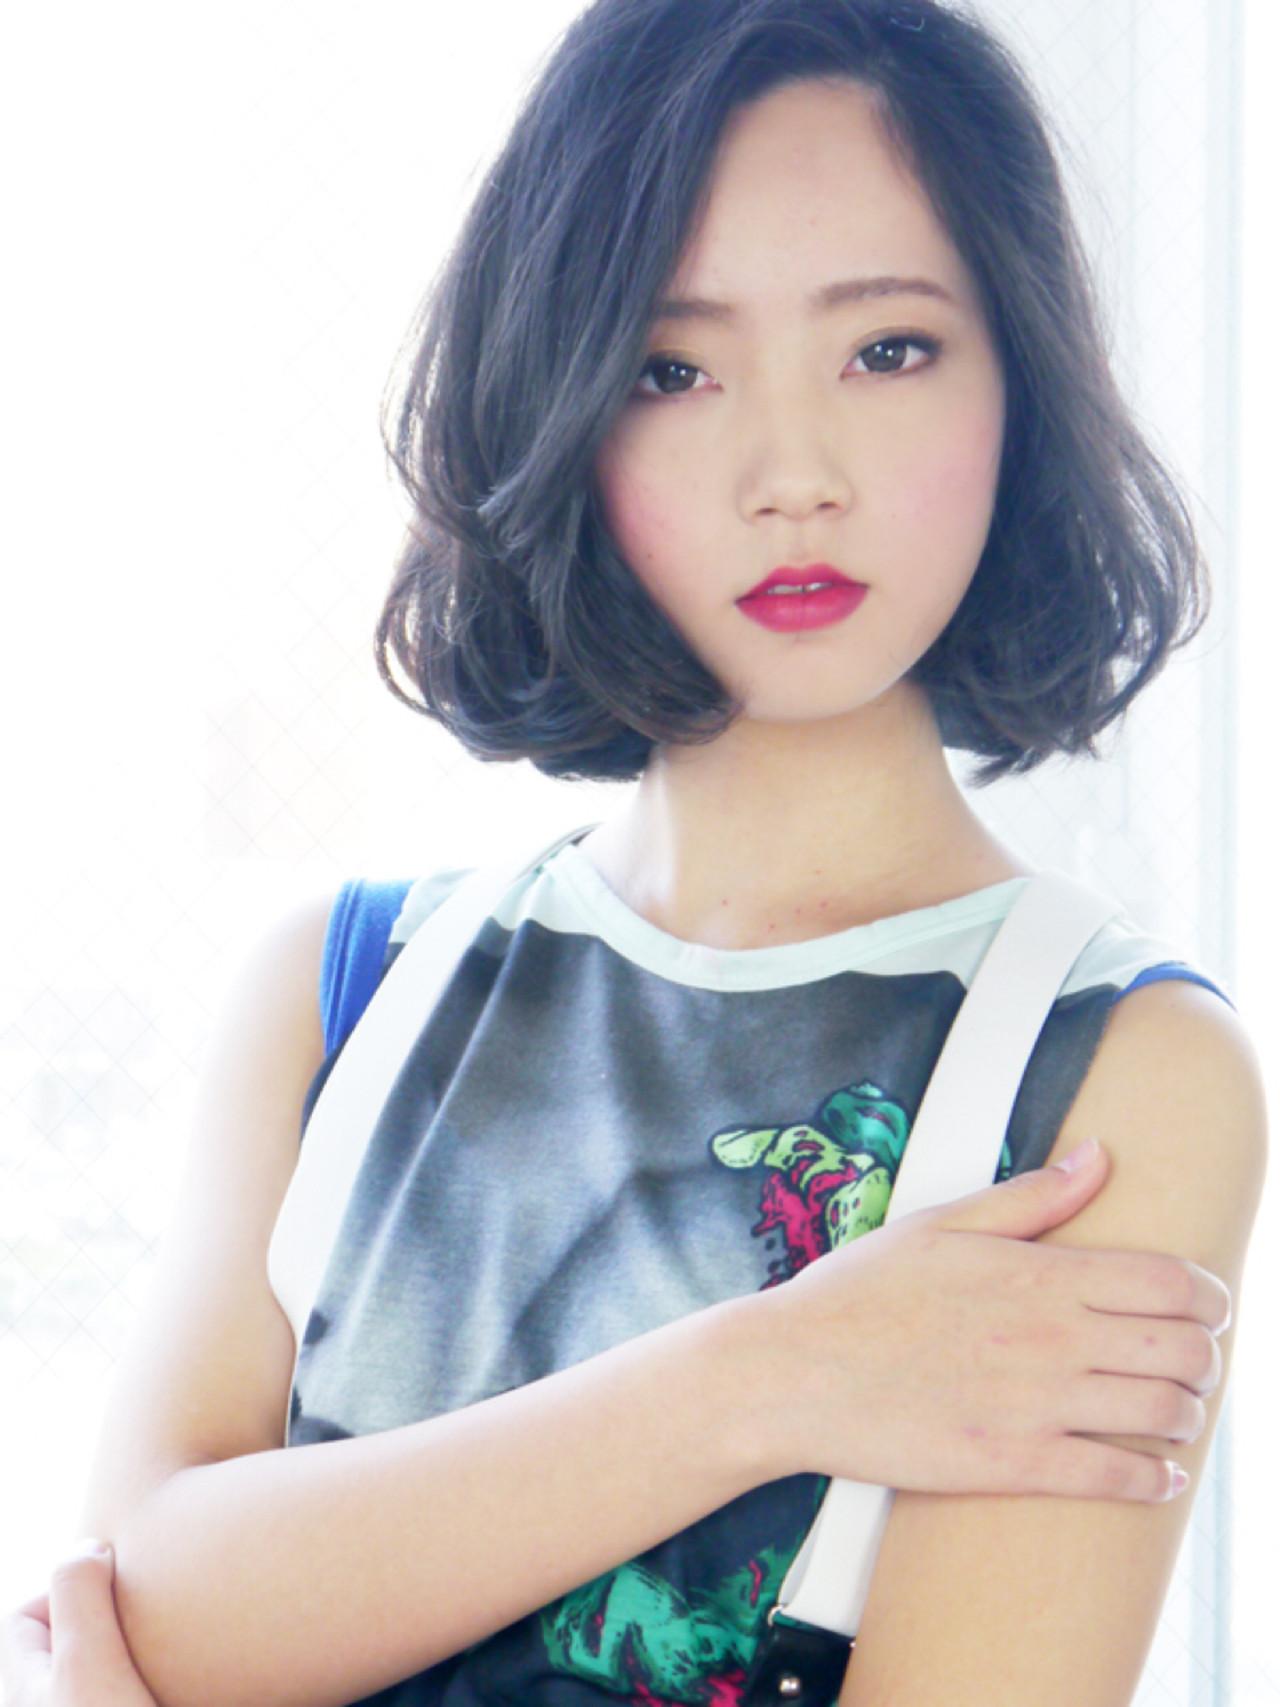 黒髪×サイドパートで大人っぽく♪ 松田みゆき/JurerBelle | JurerBelle